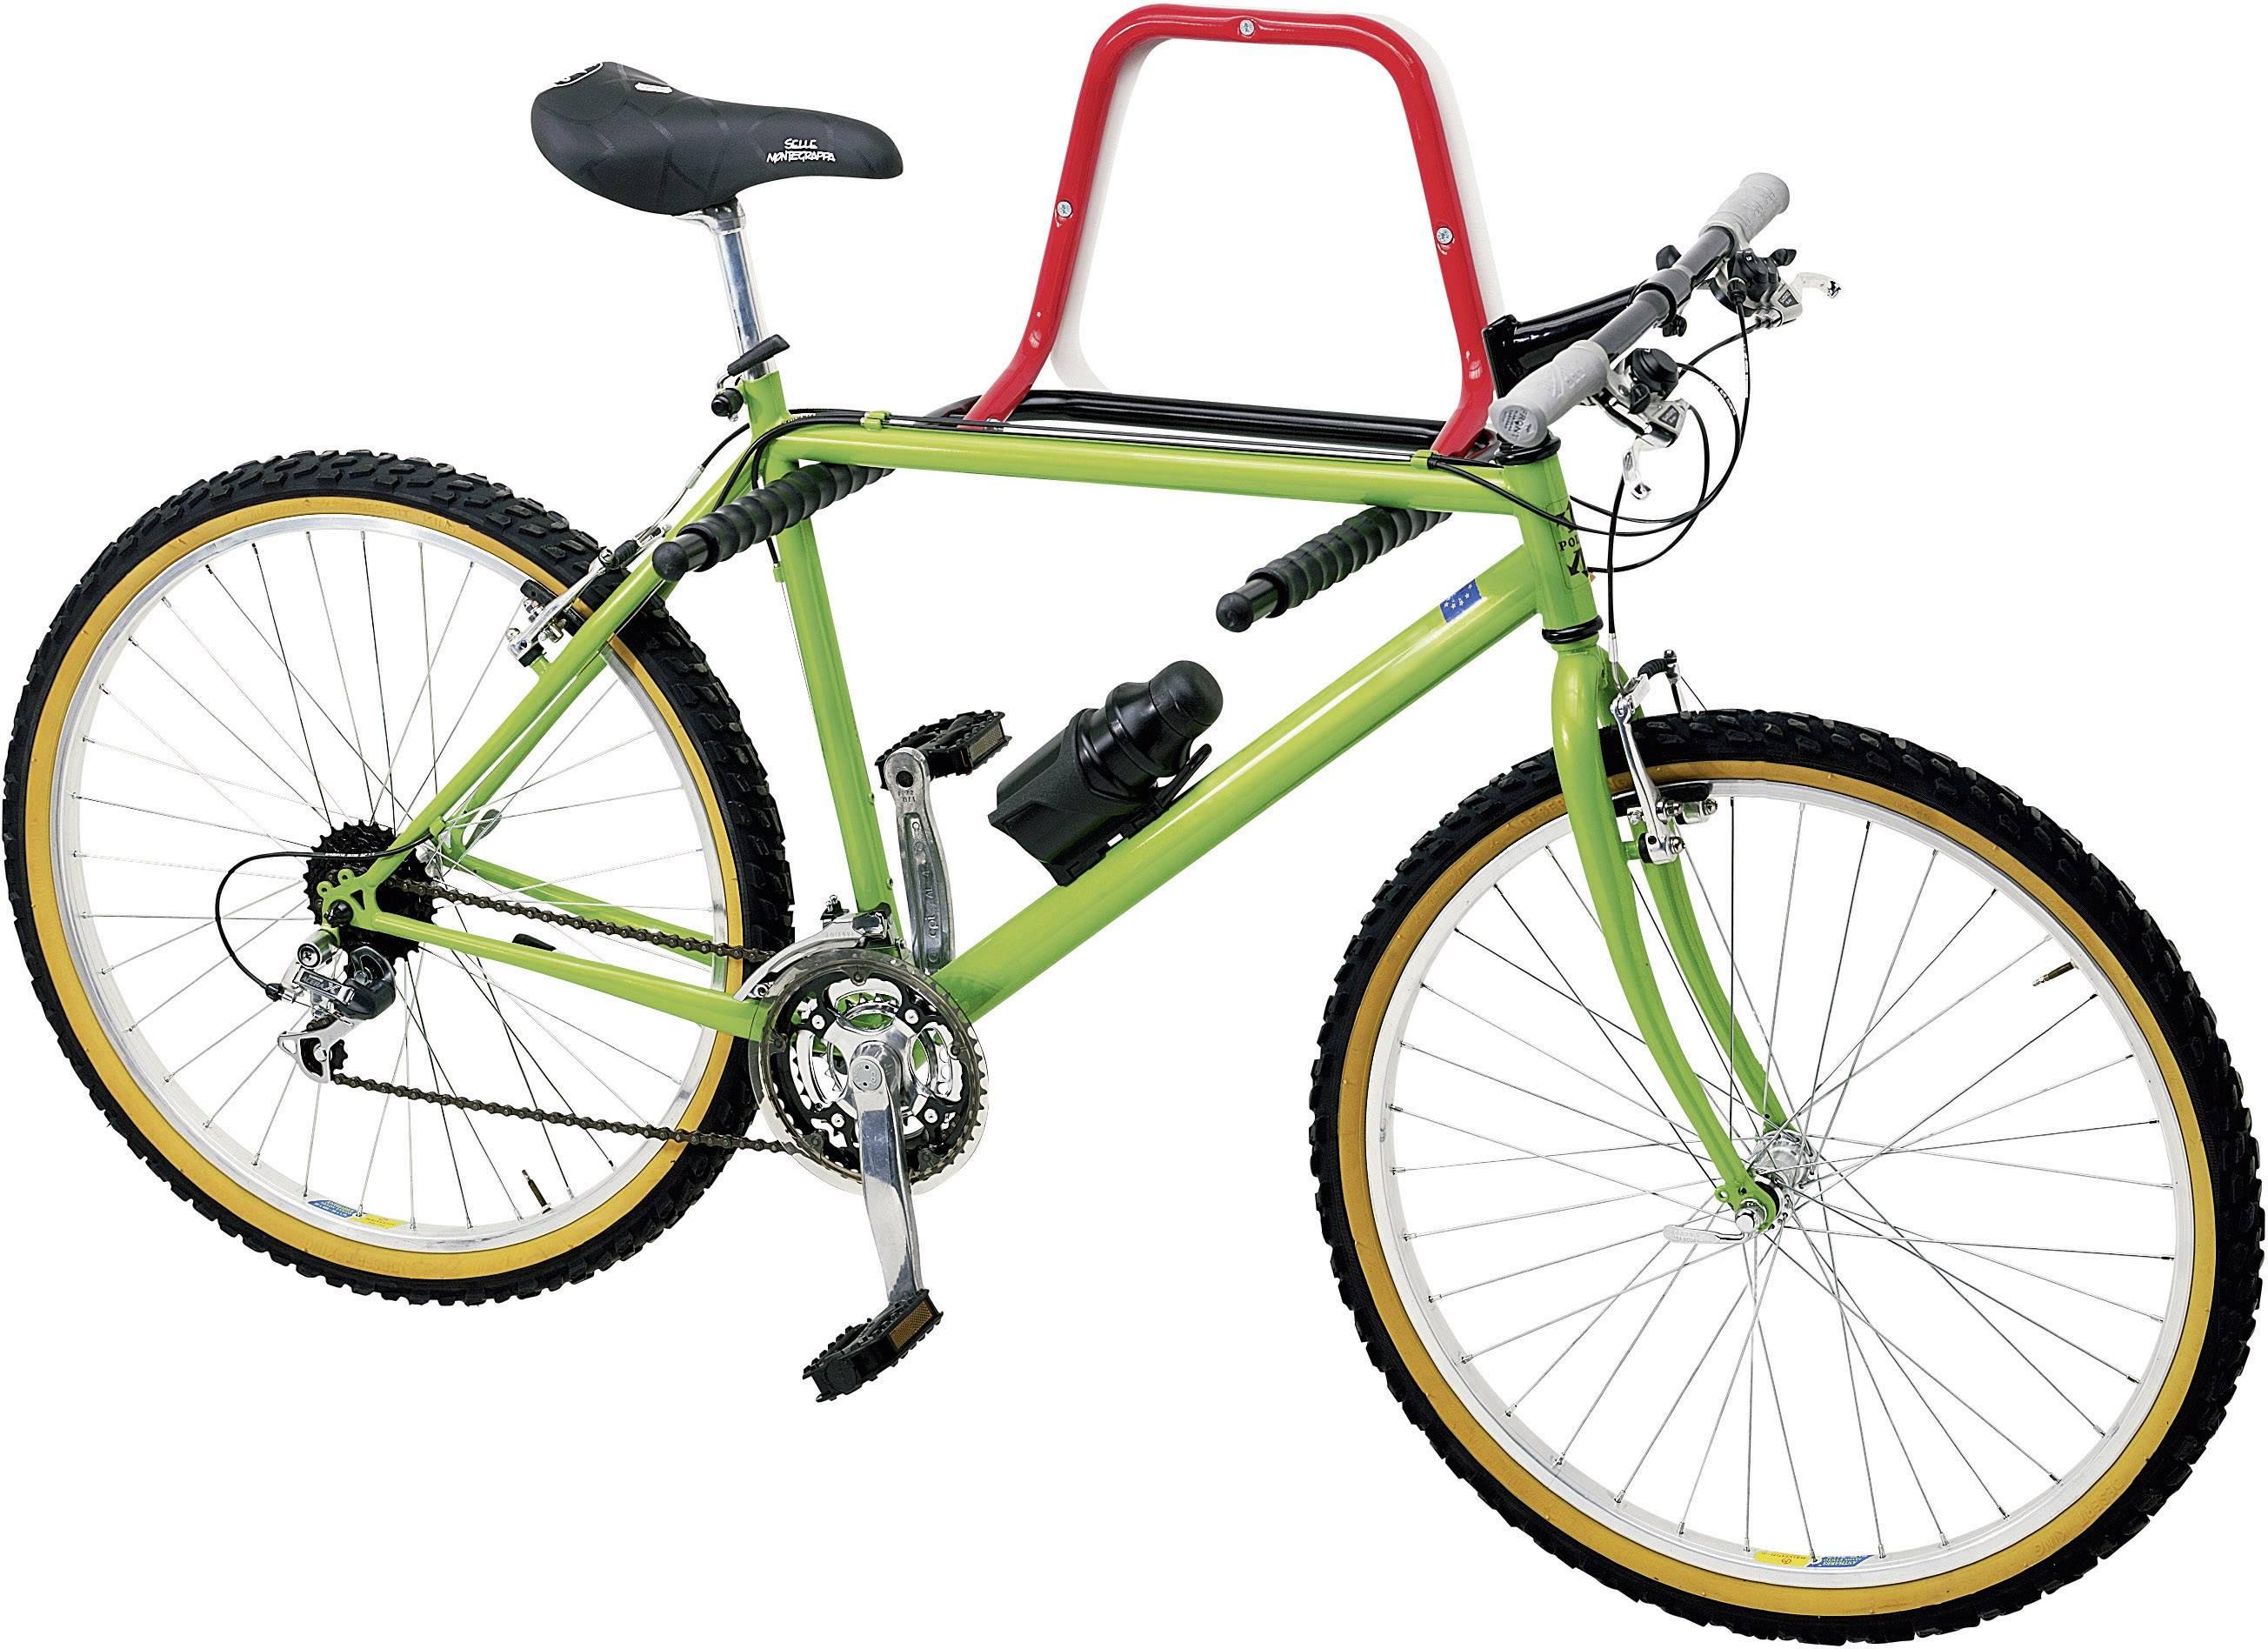 Modne ubrania Wieszak na rower, ścienny 32559, składany, 45 x 55 x 34 cm | Zamów IK42